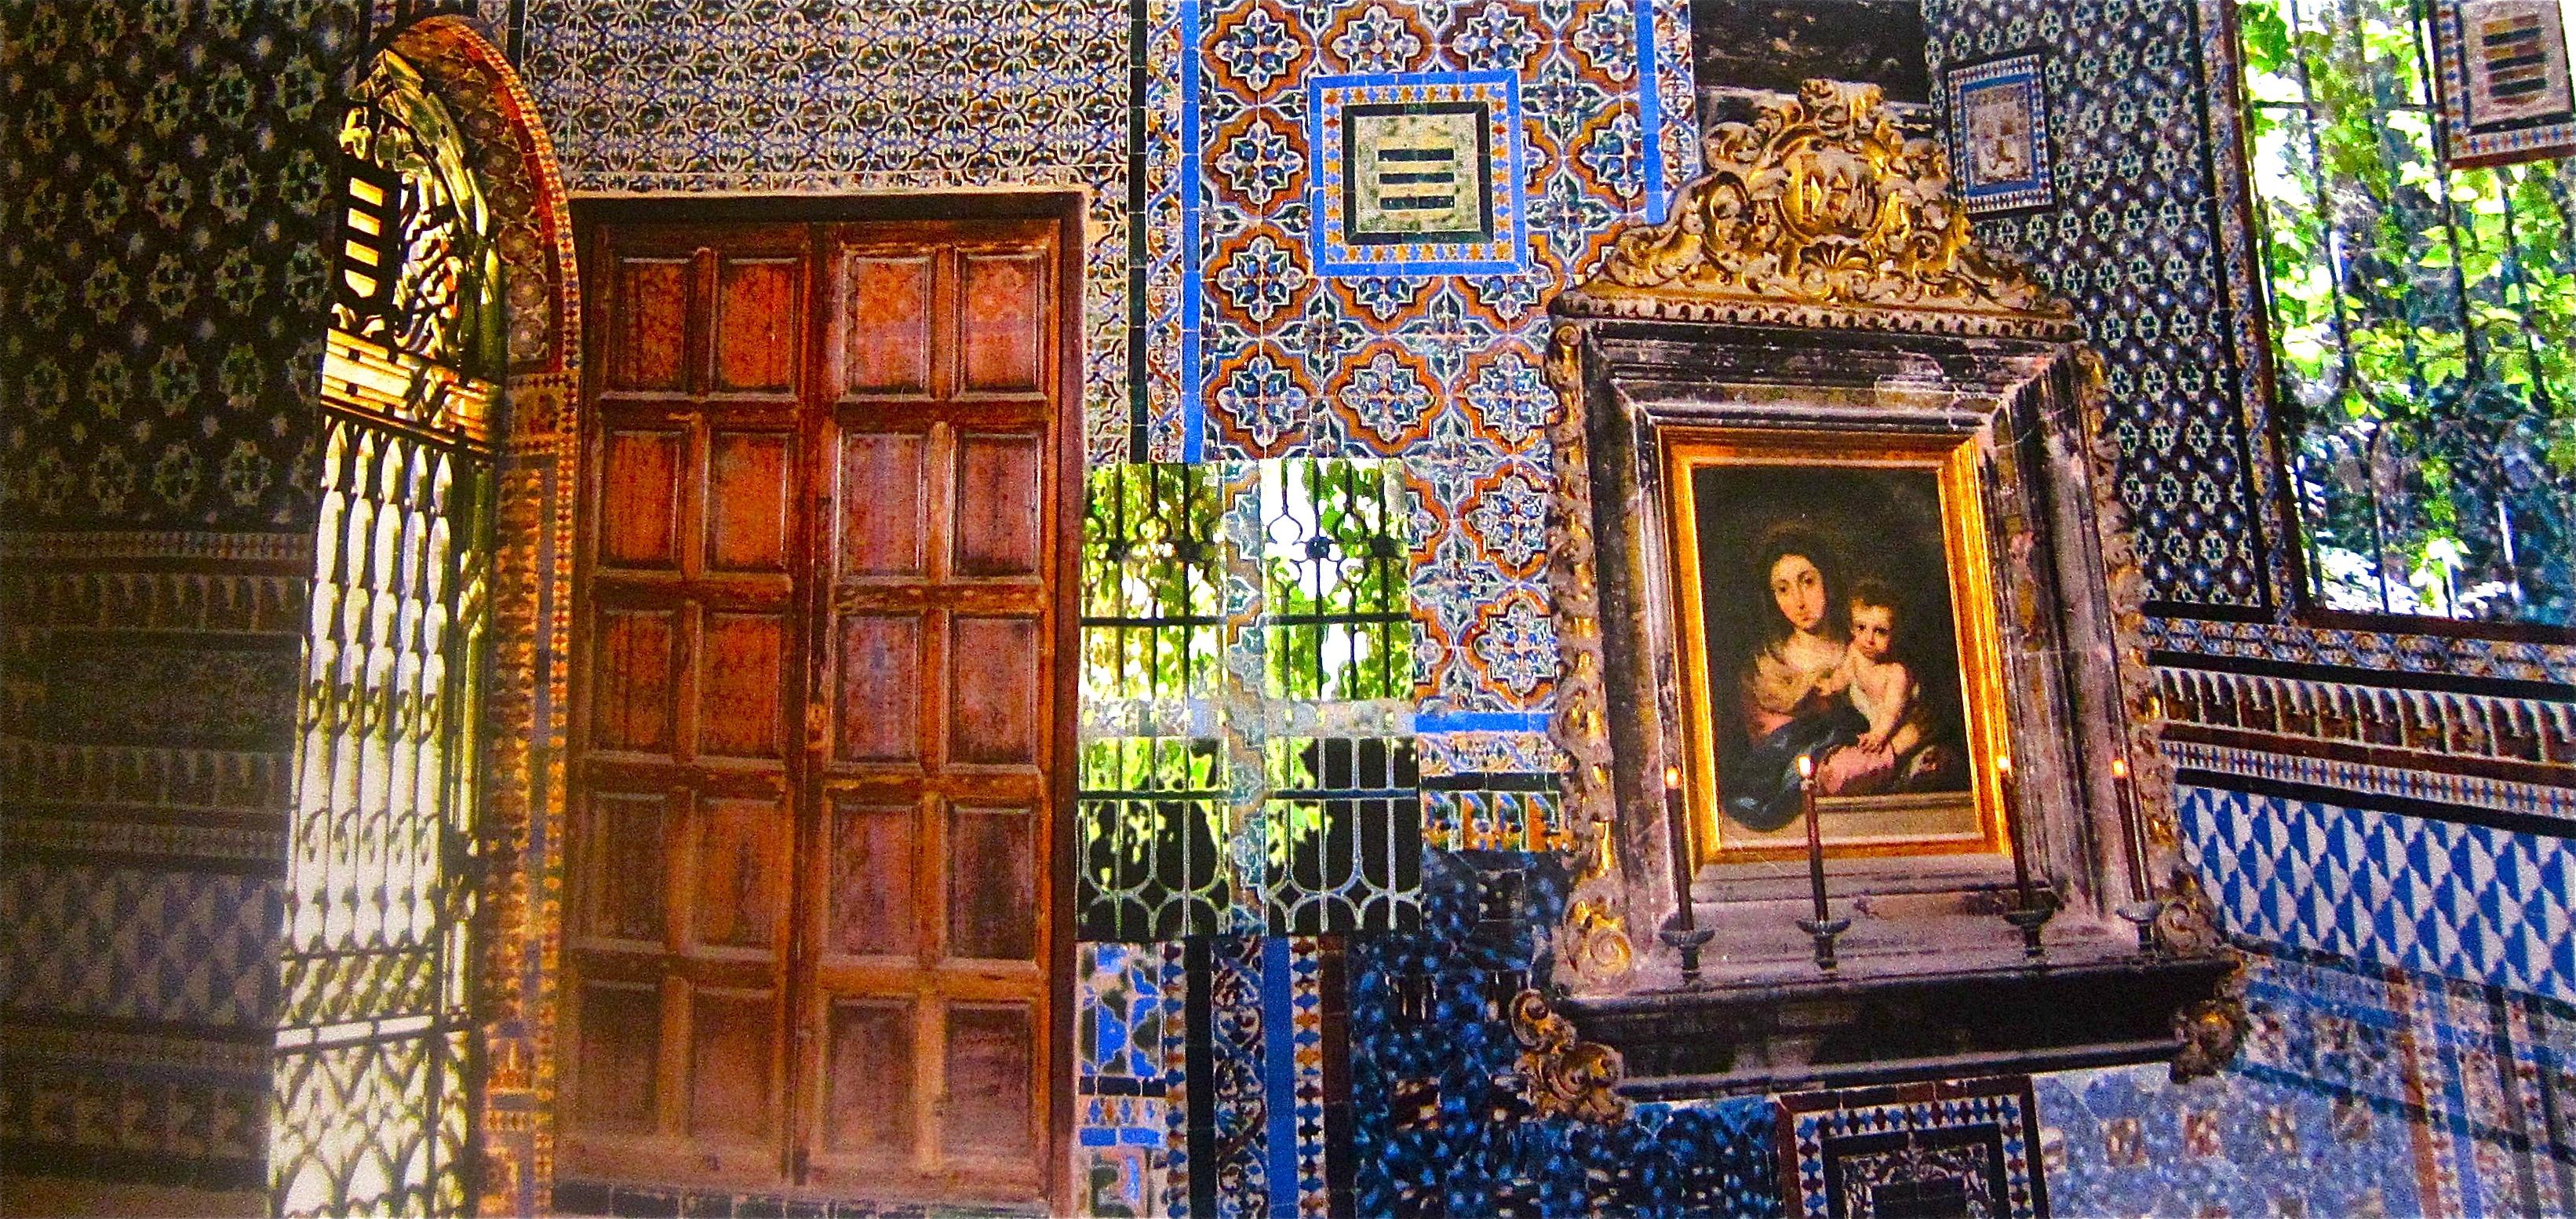 Alcazar Cordoba Interior 2 Tiles Spain